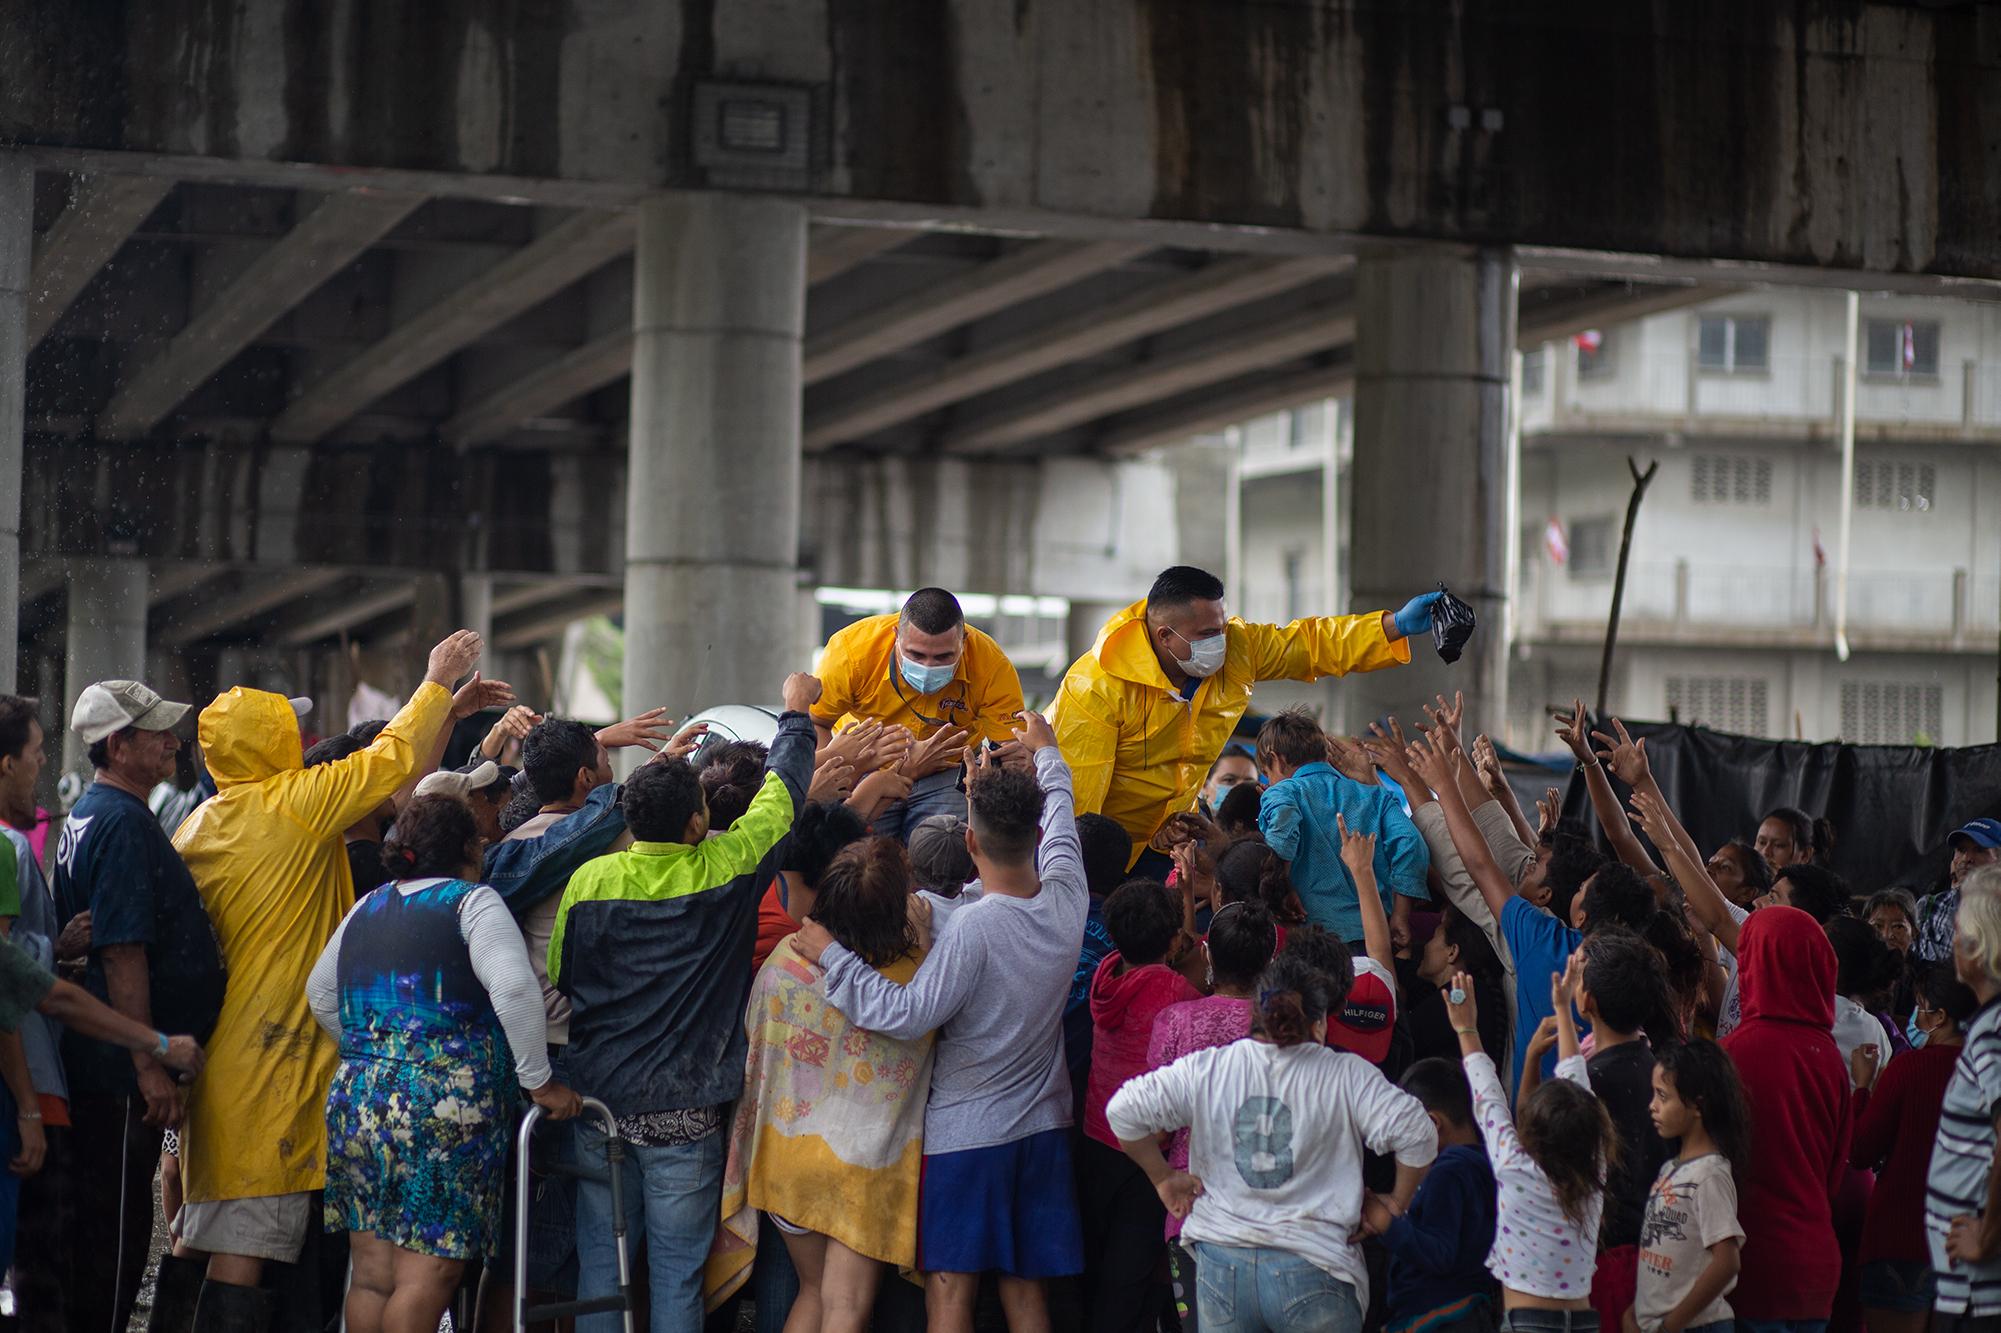 Trabajadores de una empresa procesadora de pollo regalan tamales y jugos a las familias damnificadas del sector Chamelecón, en los bajos del puente de la salida a occidente. San Pedro Sula, 21 de noviembre de 2020. Foto: Martín Cálix.